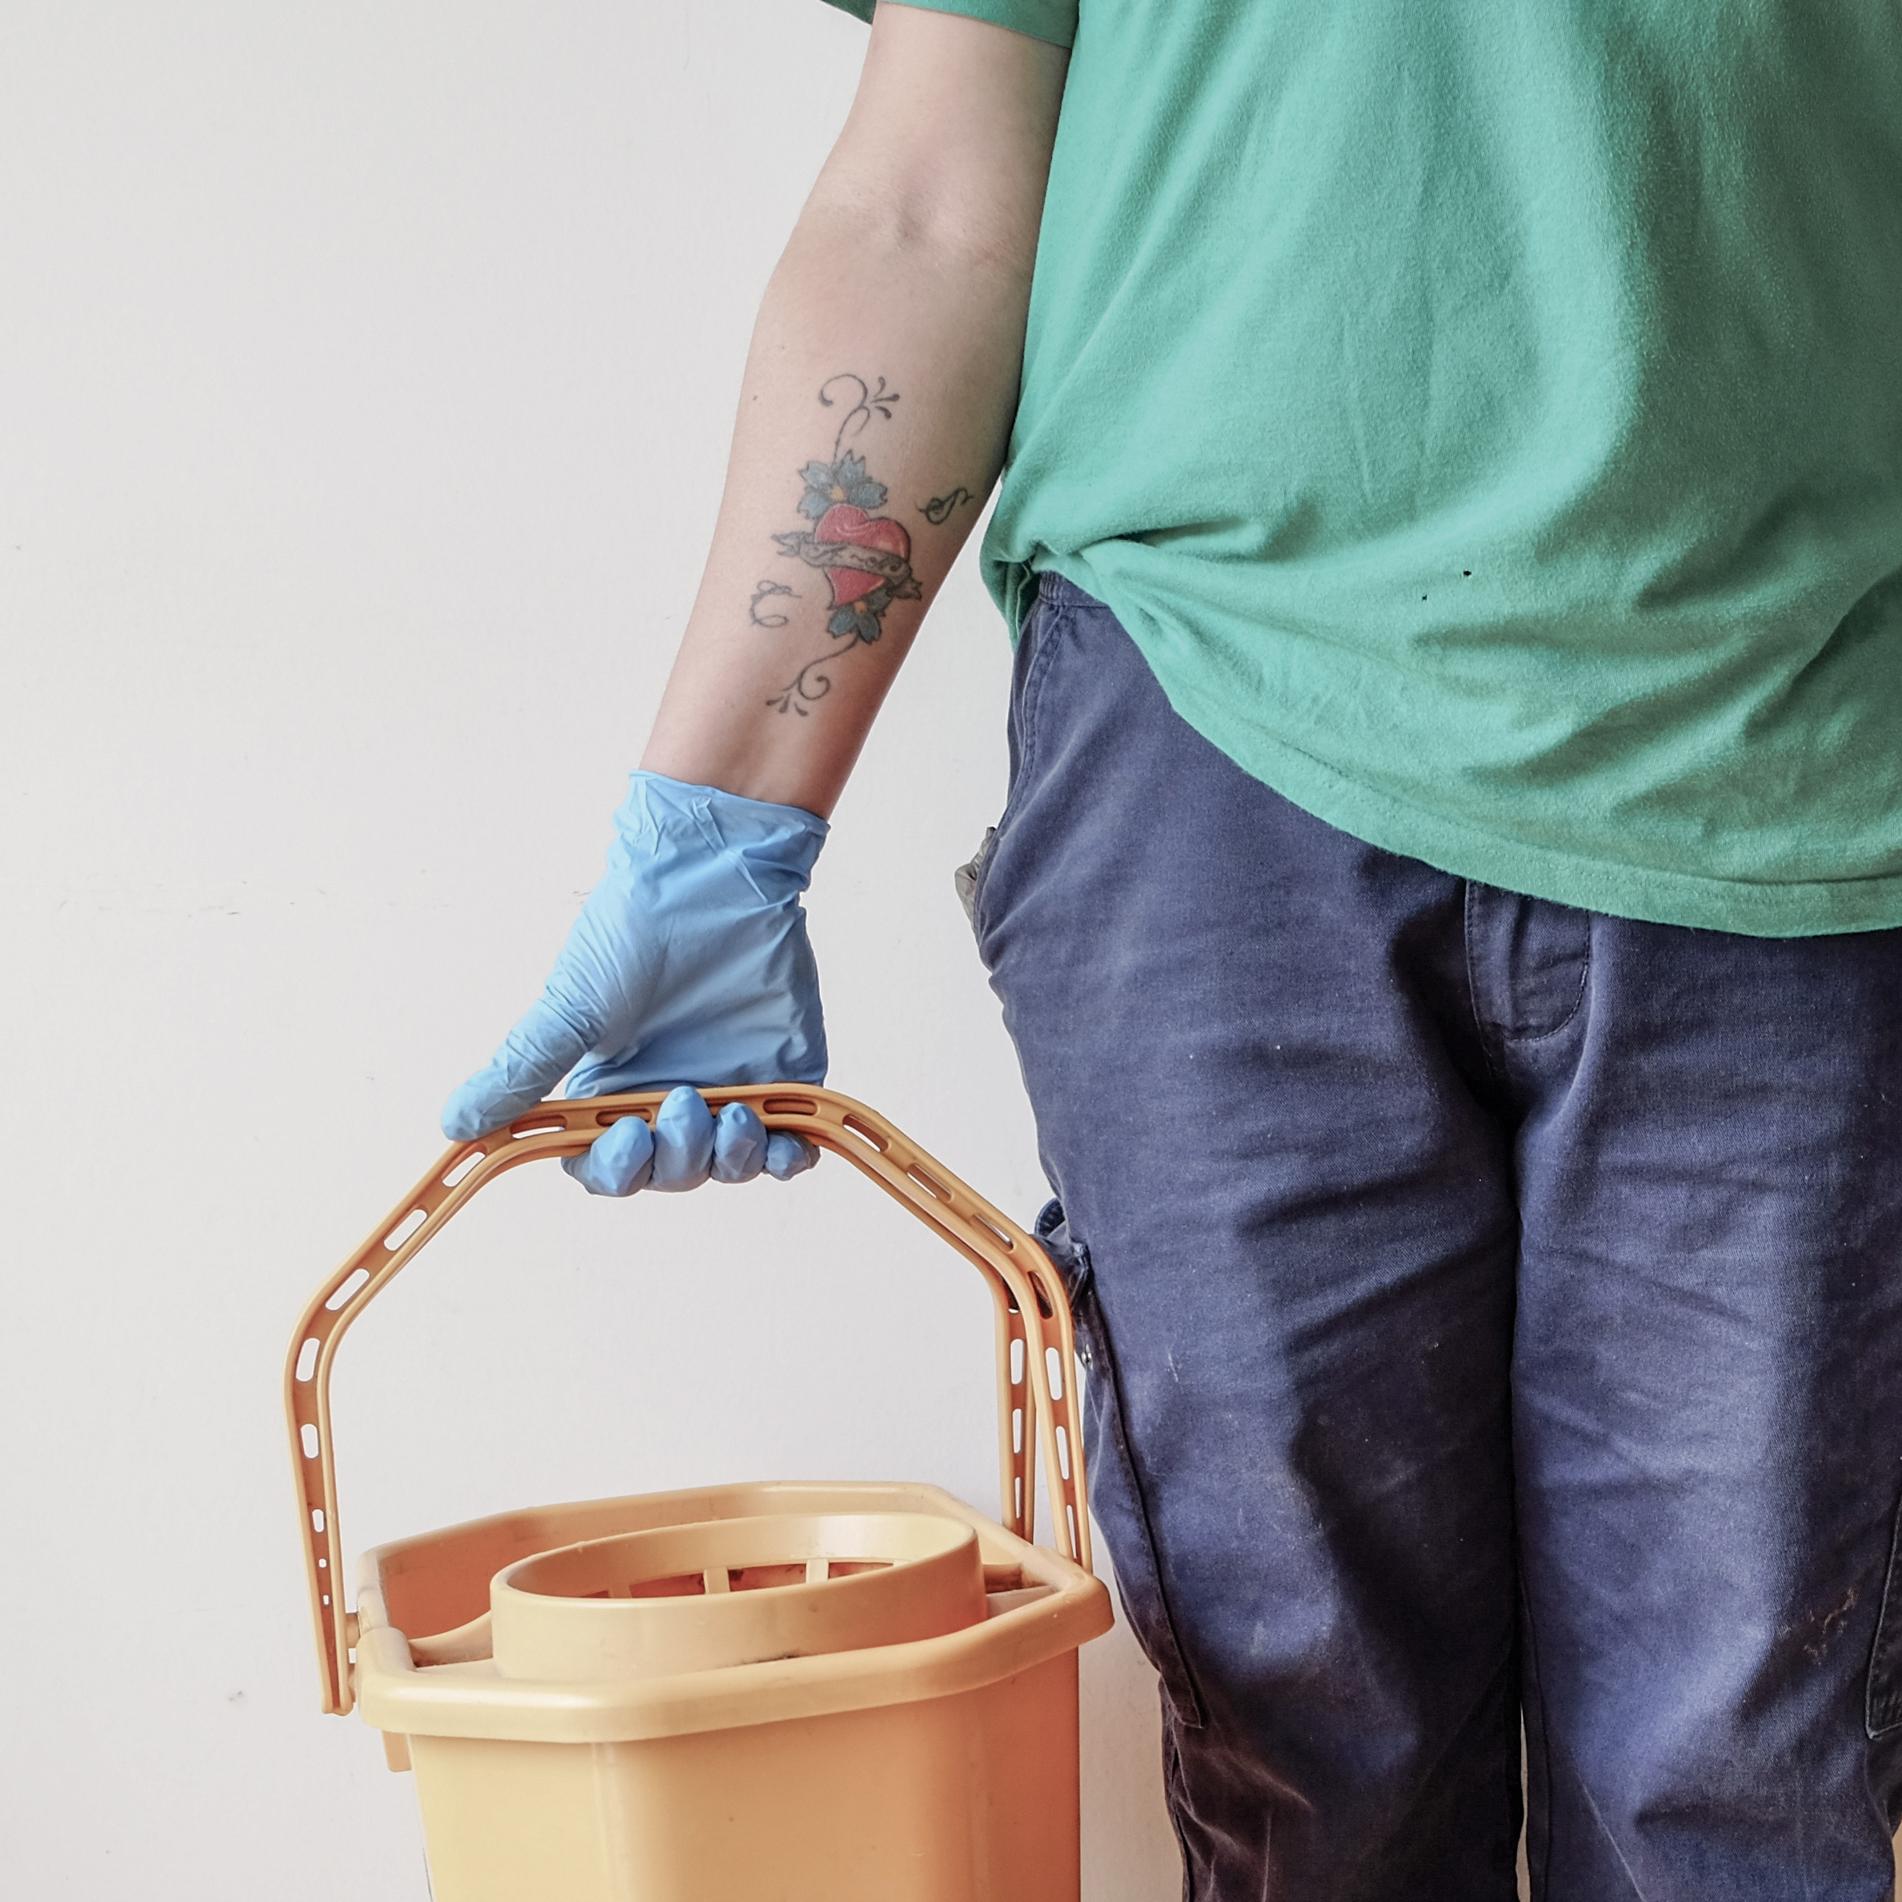 Il Martin Pescatore offre un nuovo servizio: la sanificazione di ambienti tramite ozono!